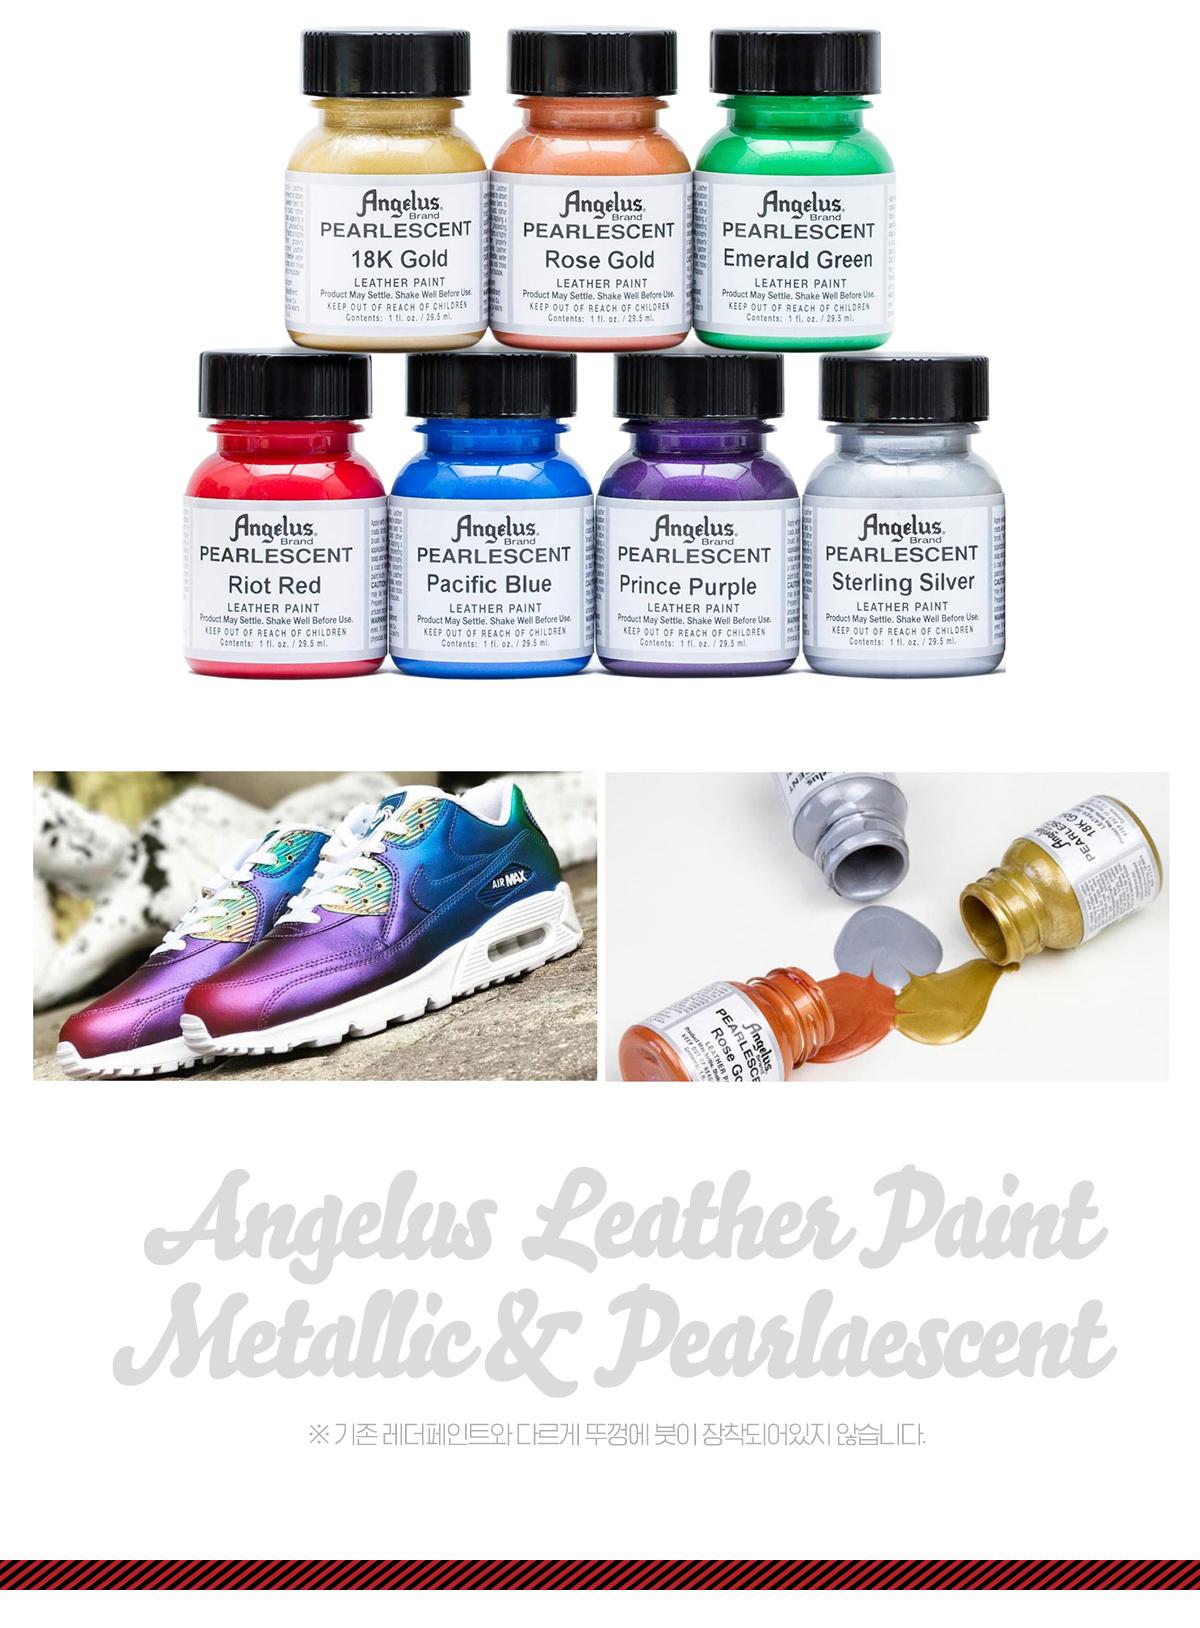 모든 가죽제품 및 신발을 염색하거나 중창을 염색하여 원래대로 복원하거나 마음대로 커스텀할 수 있습니다.